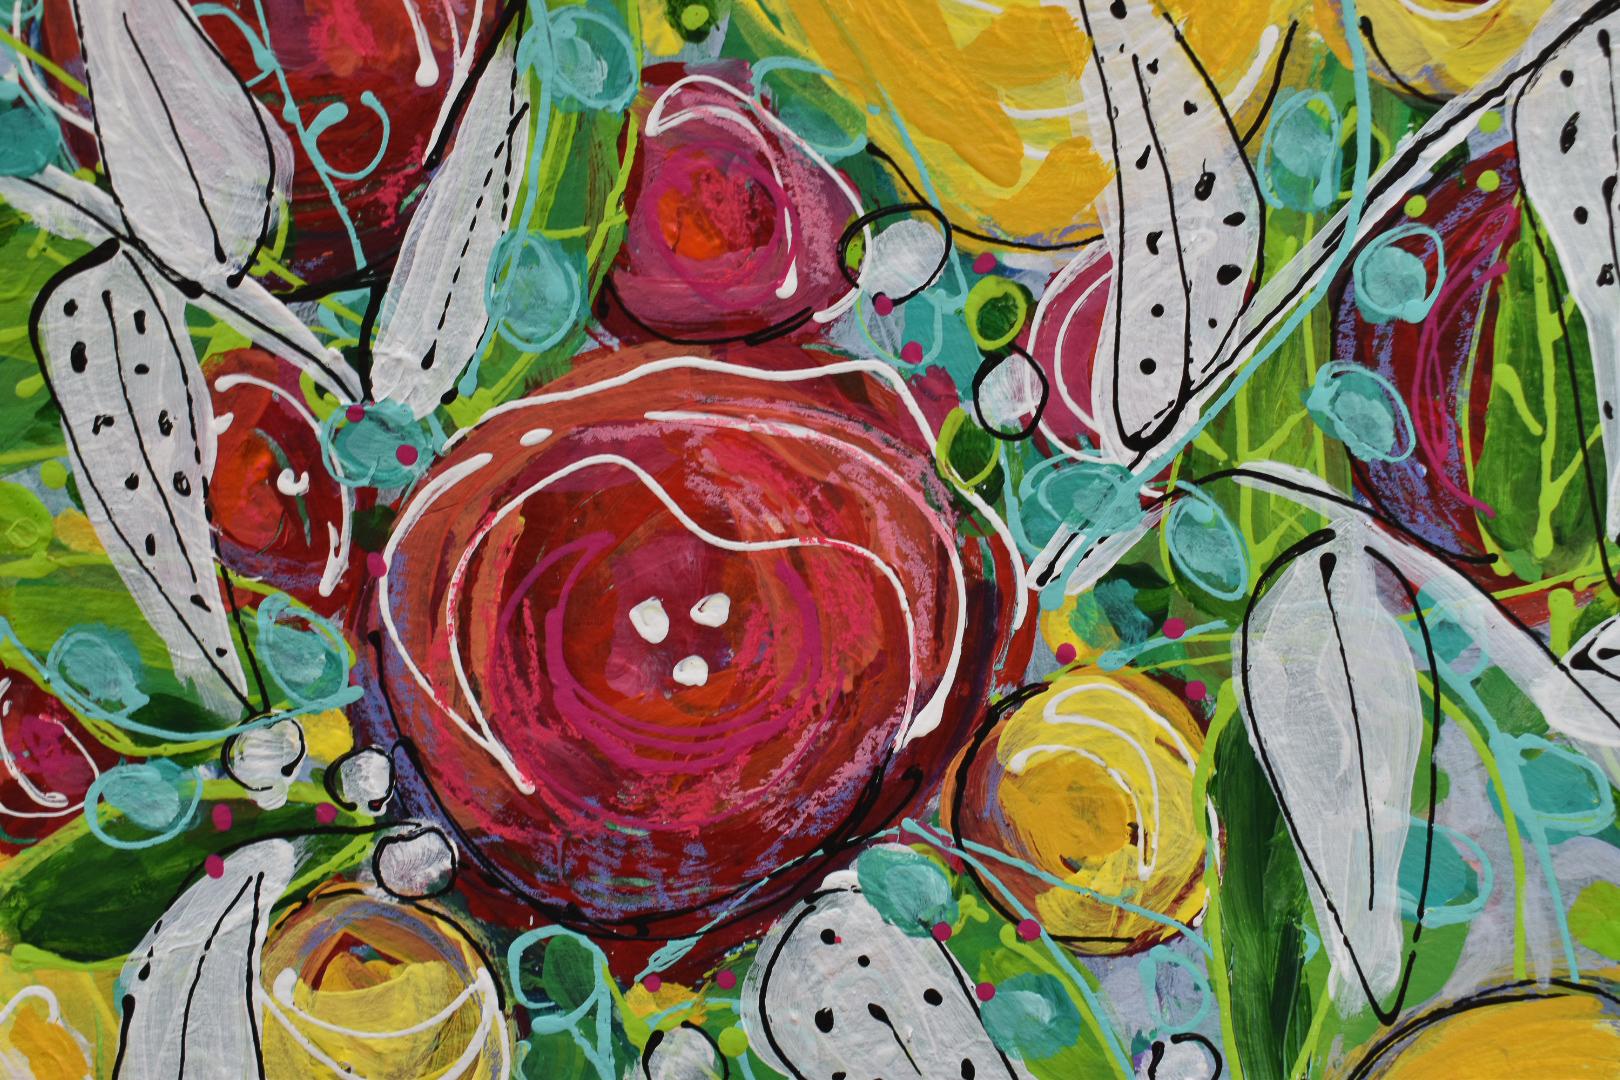 bohopainting_flowers_stripedvase_daisyfaithart6.jpg